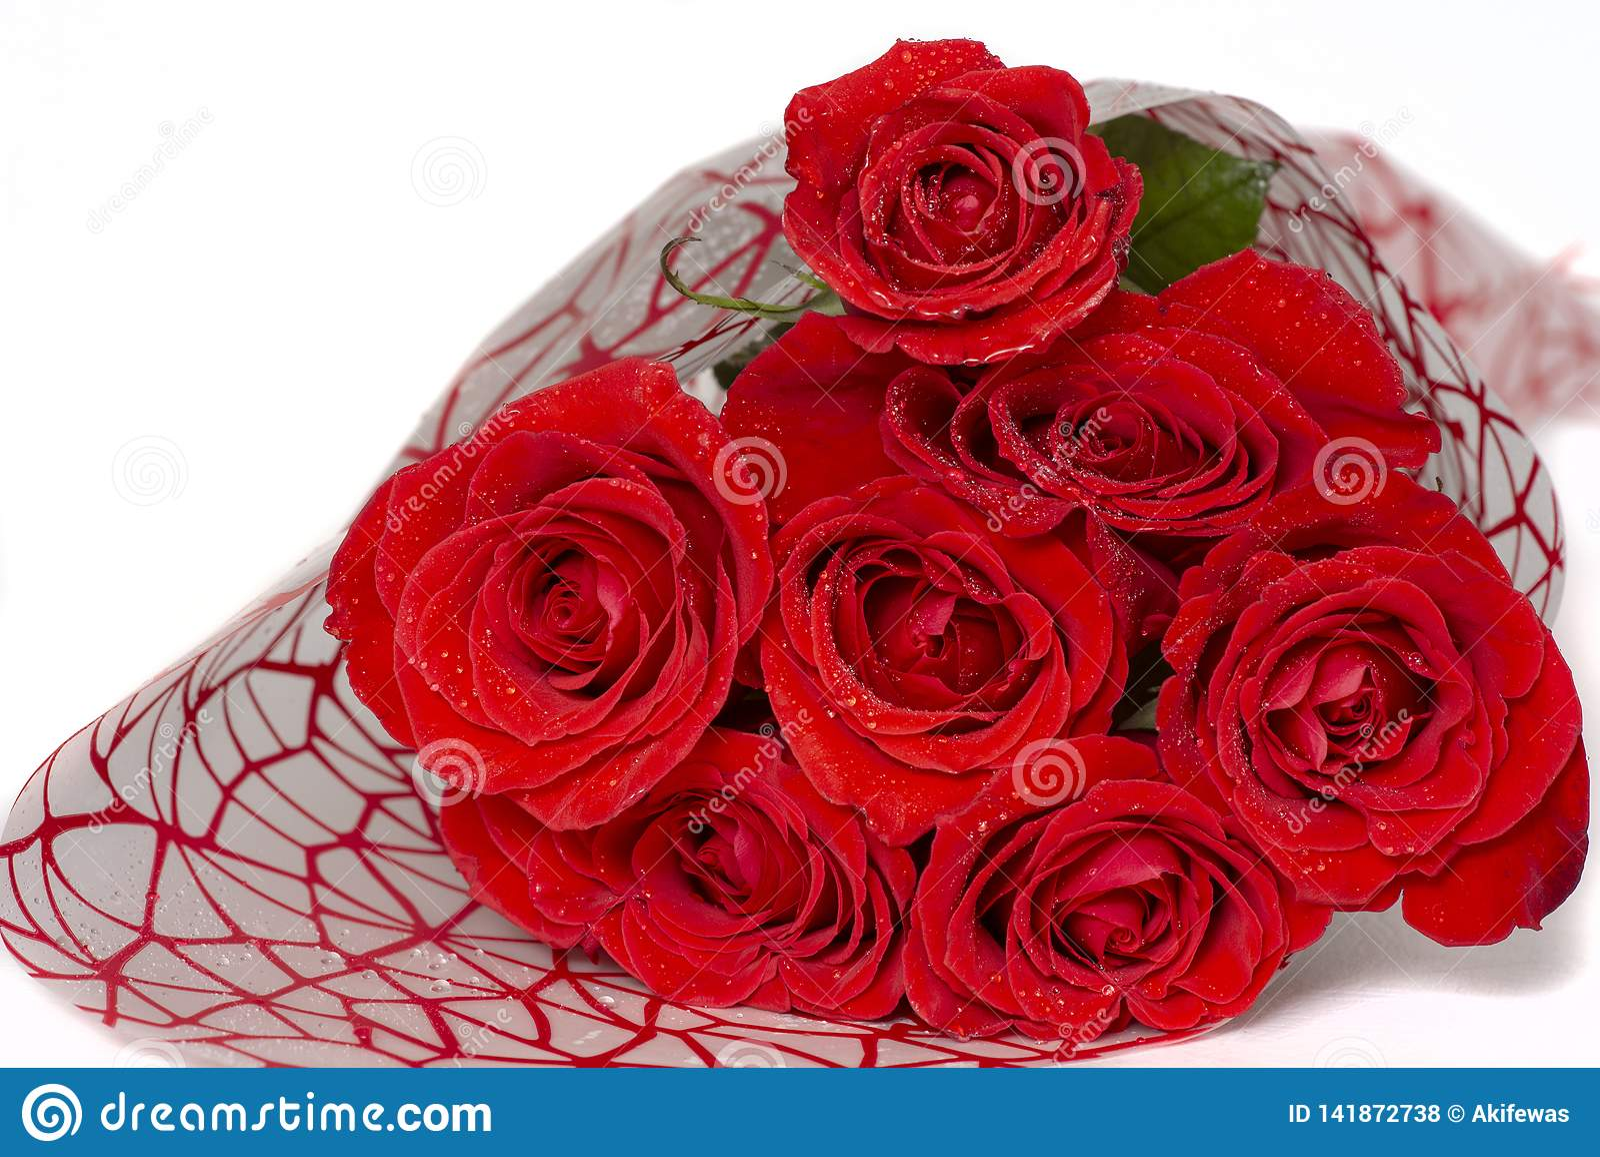 Buketten av röda rosor ligger på en vit bakgrund